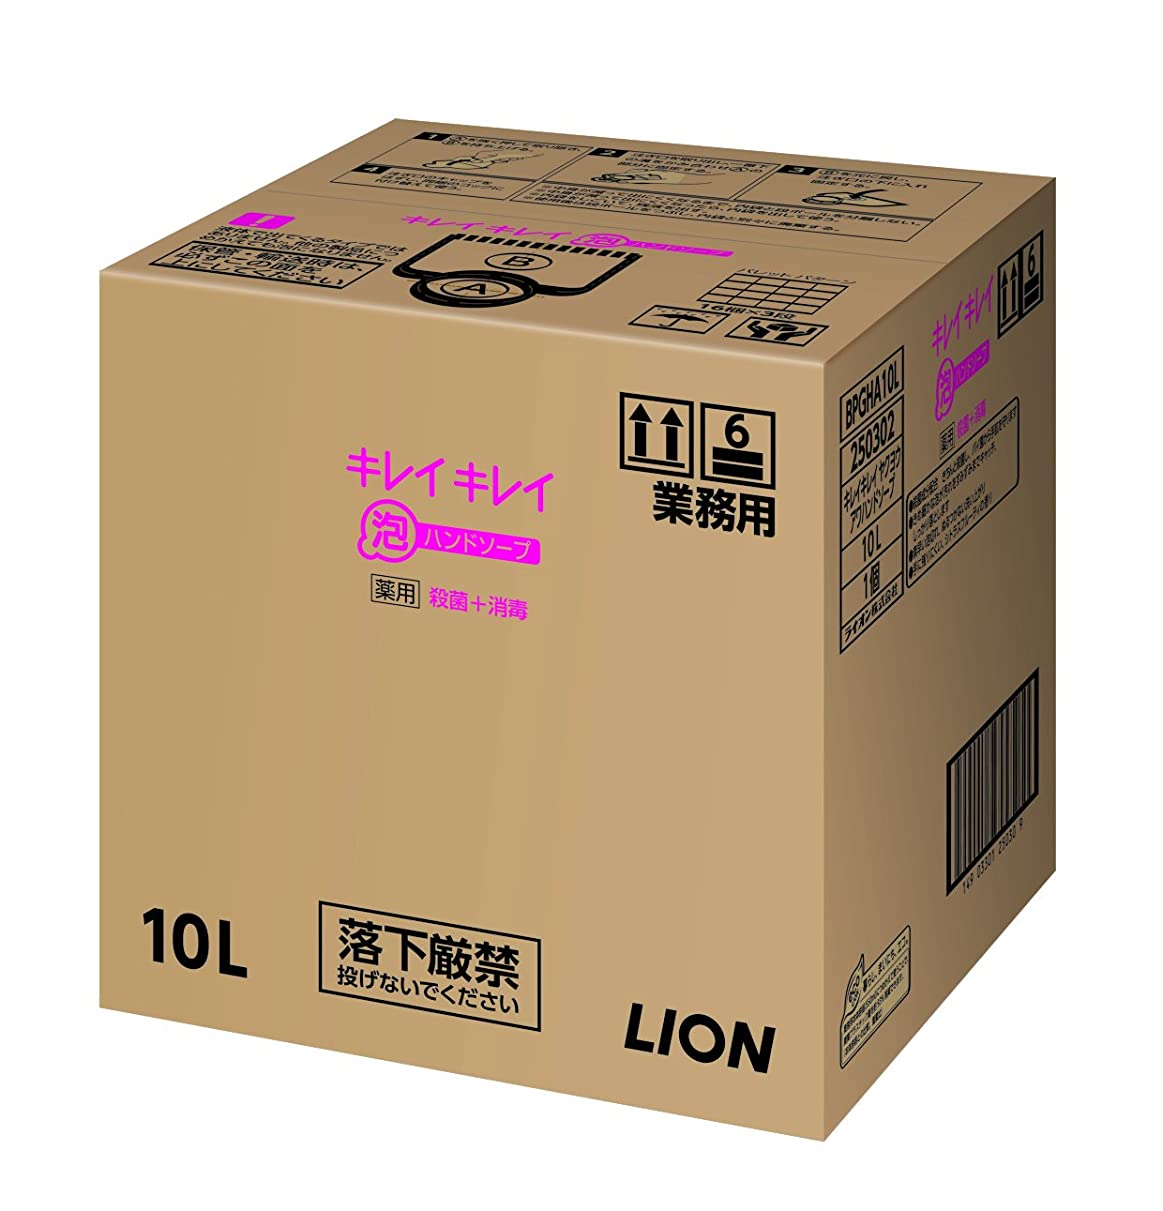 受け皿マインド機械的に【業務用 大容量】キレイキレイ 薬用 泡ハンドソープ シトラスフルーティの香り 10L(医薬部外品)